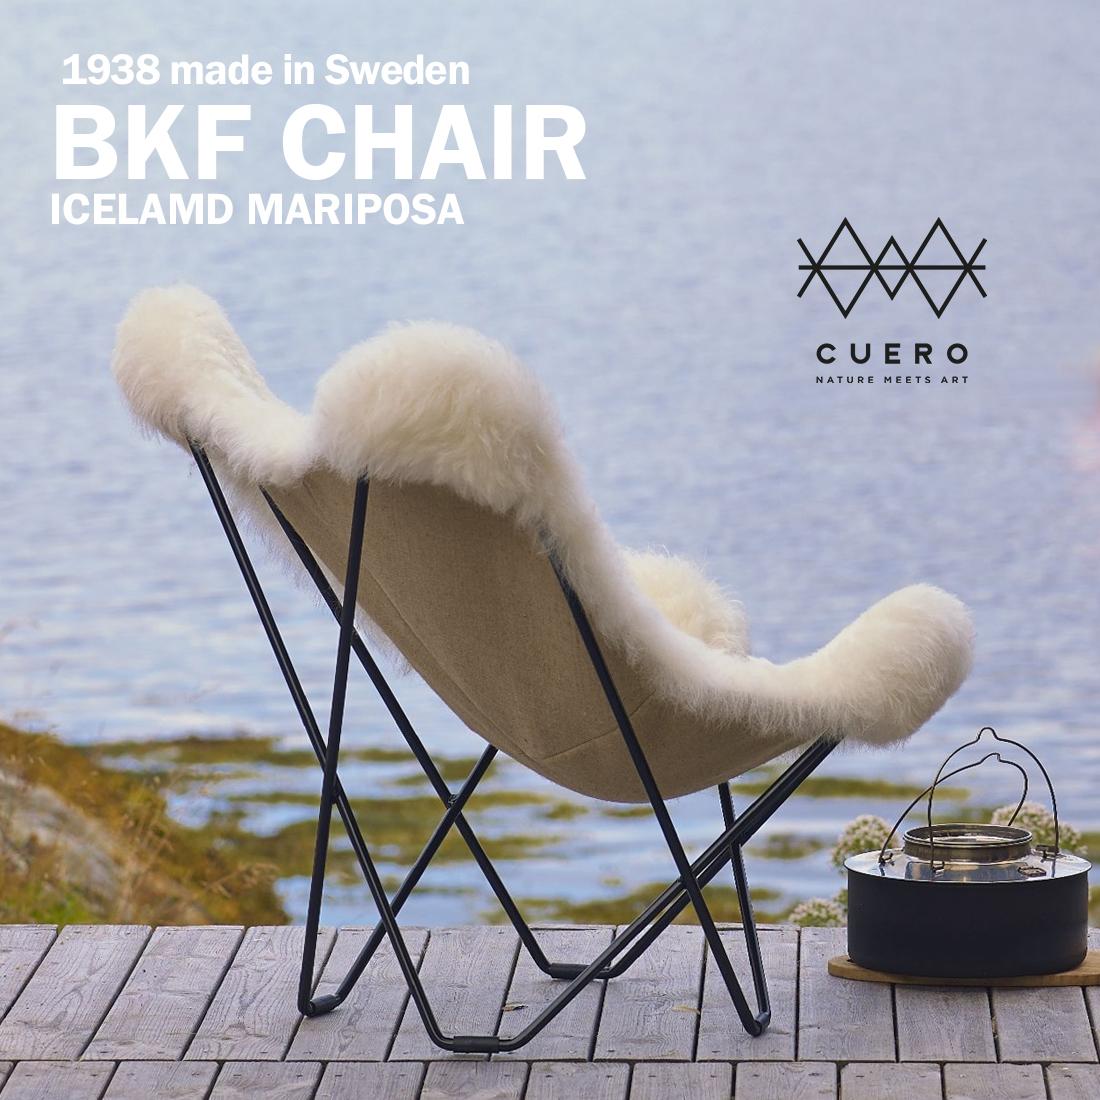 cuero キュエロ BKF CHAIR ICELAMD MARIPOSA ビーケーエフチェア アイスランド マリポサ BKFチェア ミッドセンチュリー スウェーデン クエロ Knoll バタフライチェア